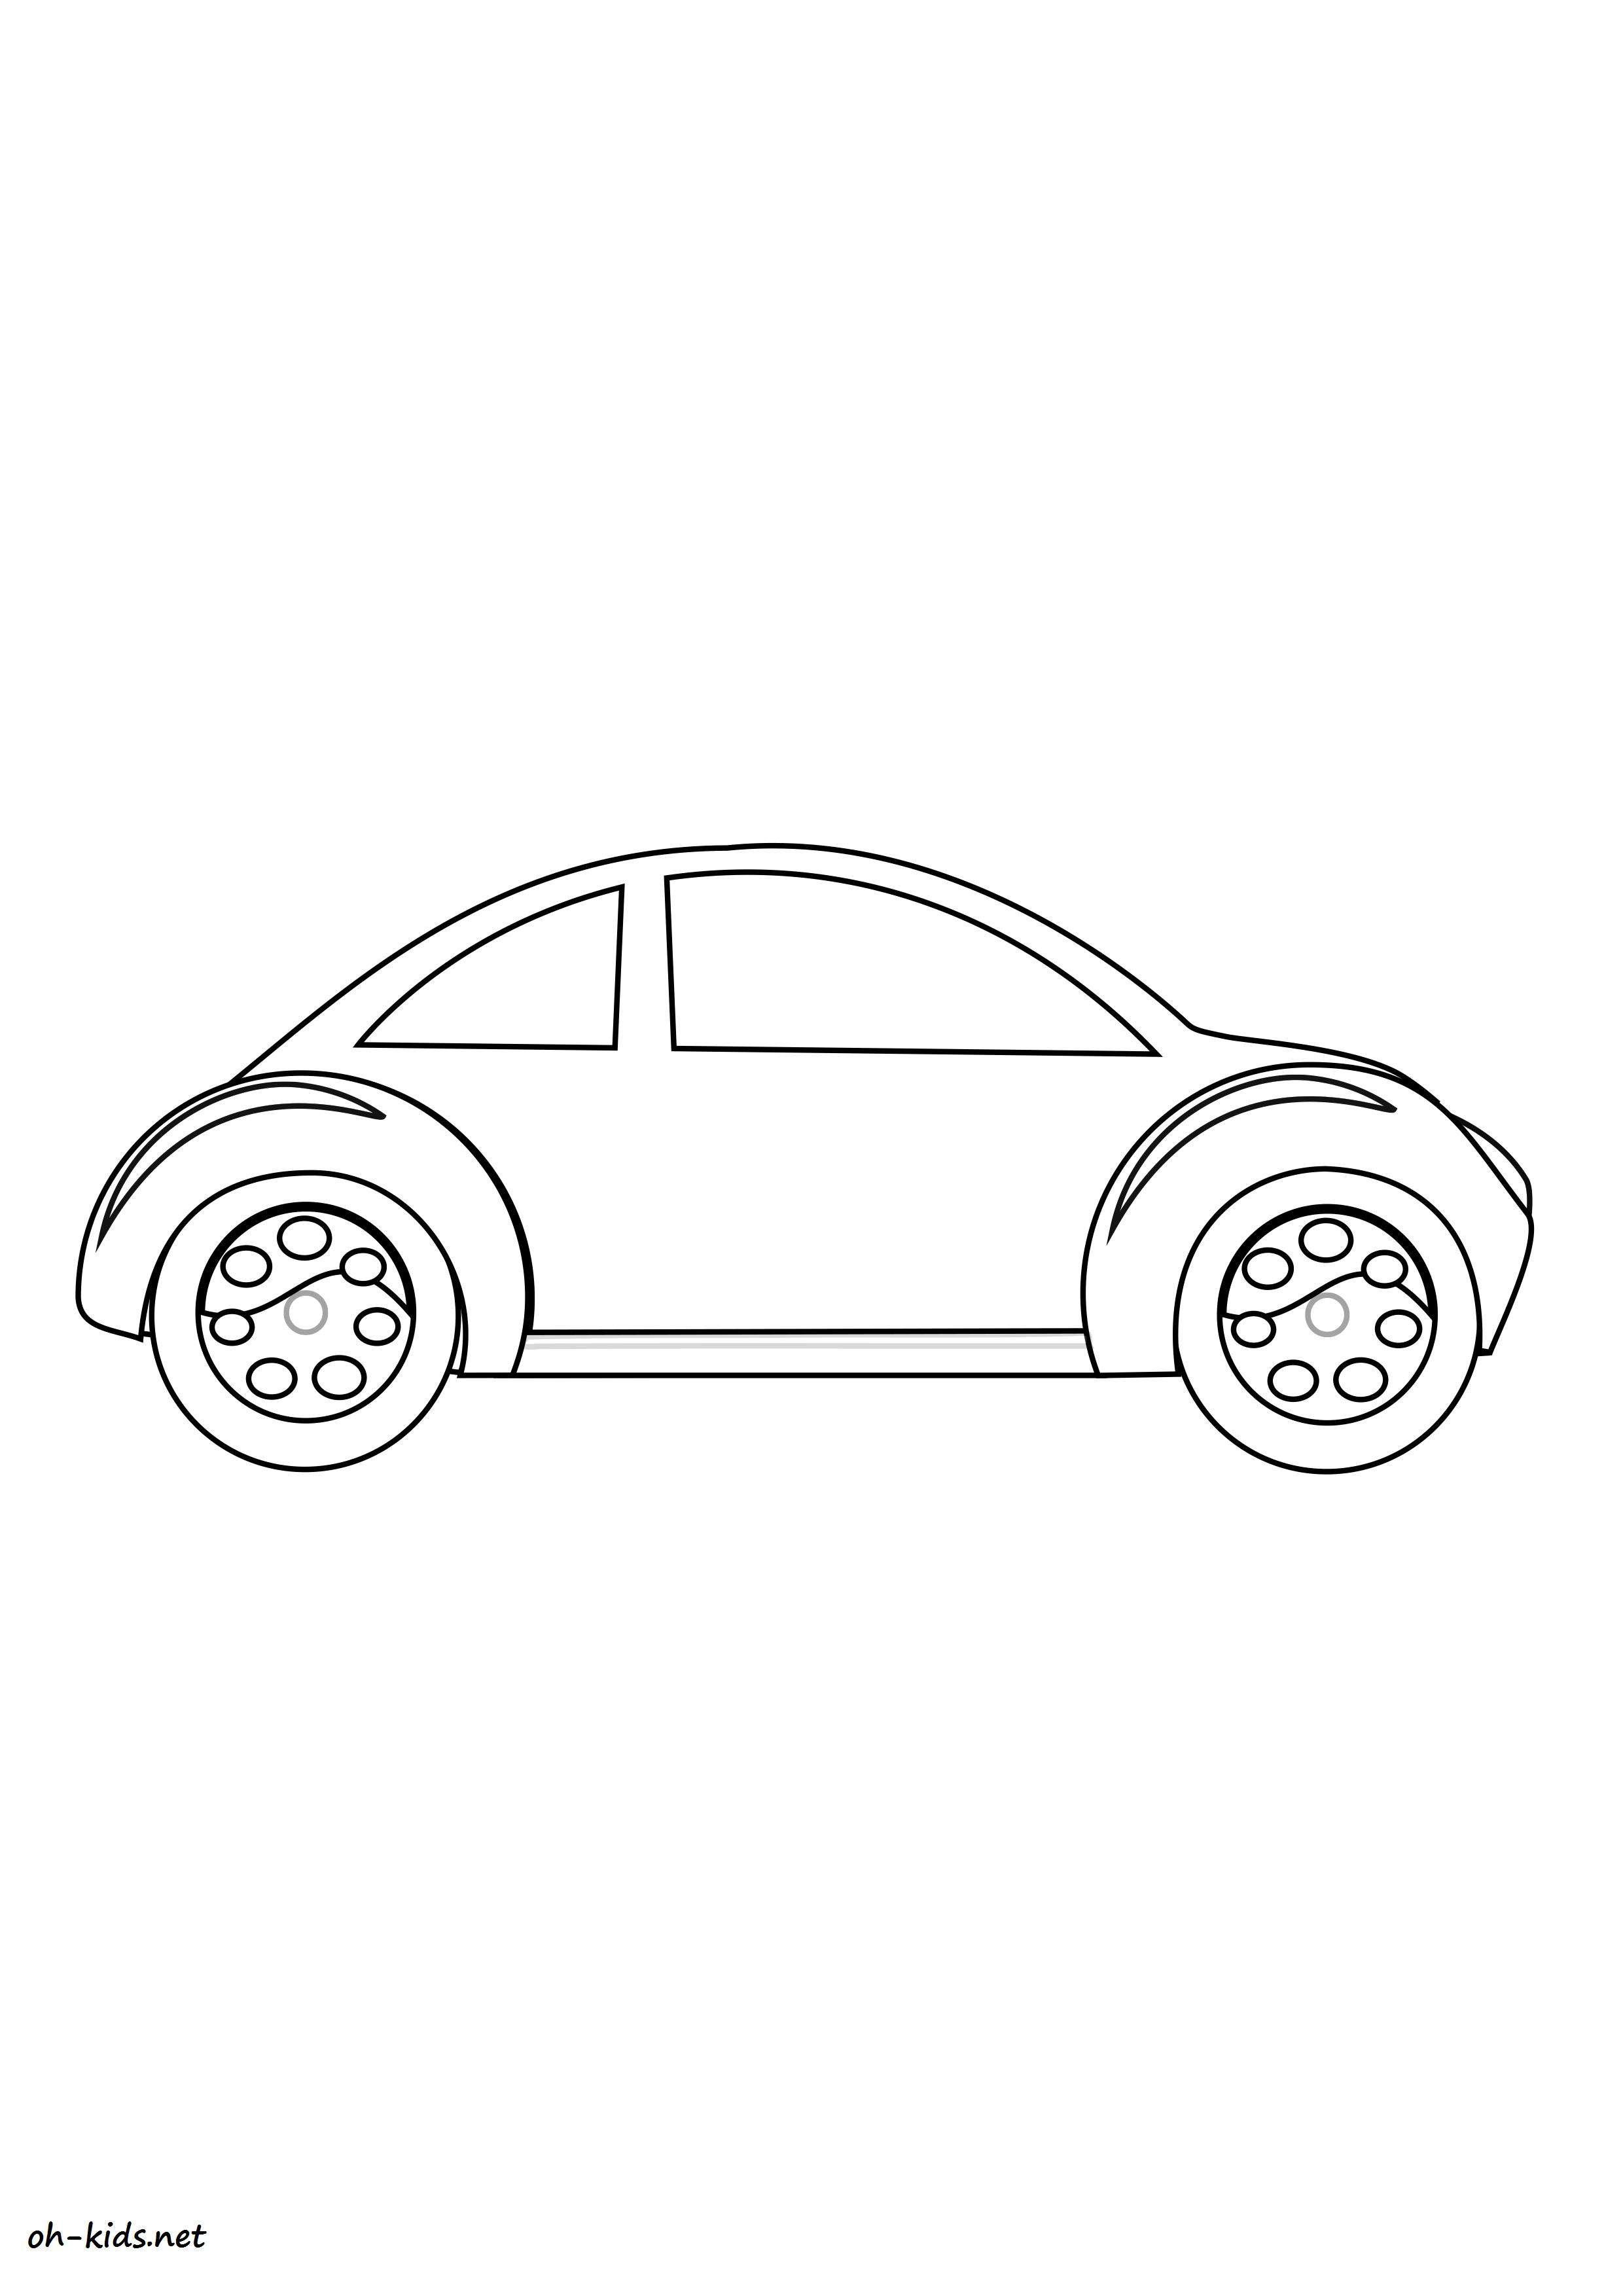 dessin gratuit de automobile a imprimer - Dessin #1417